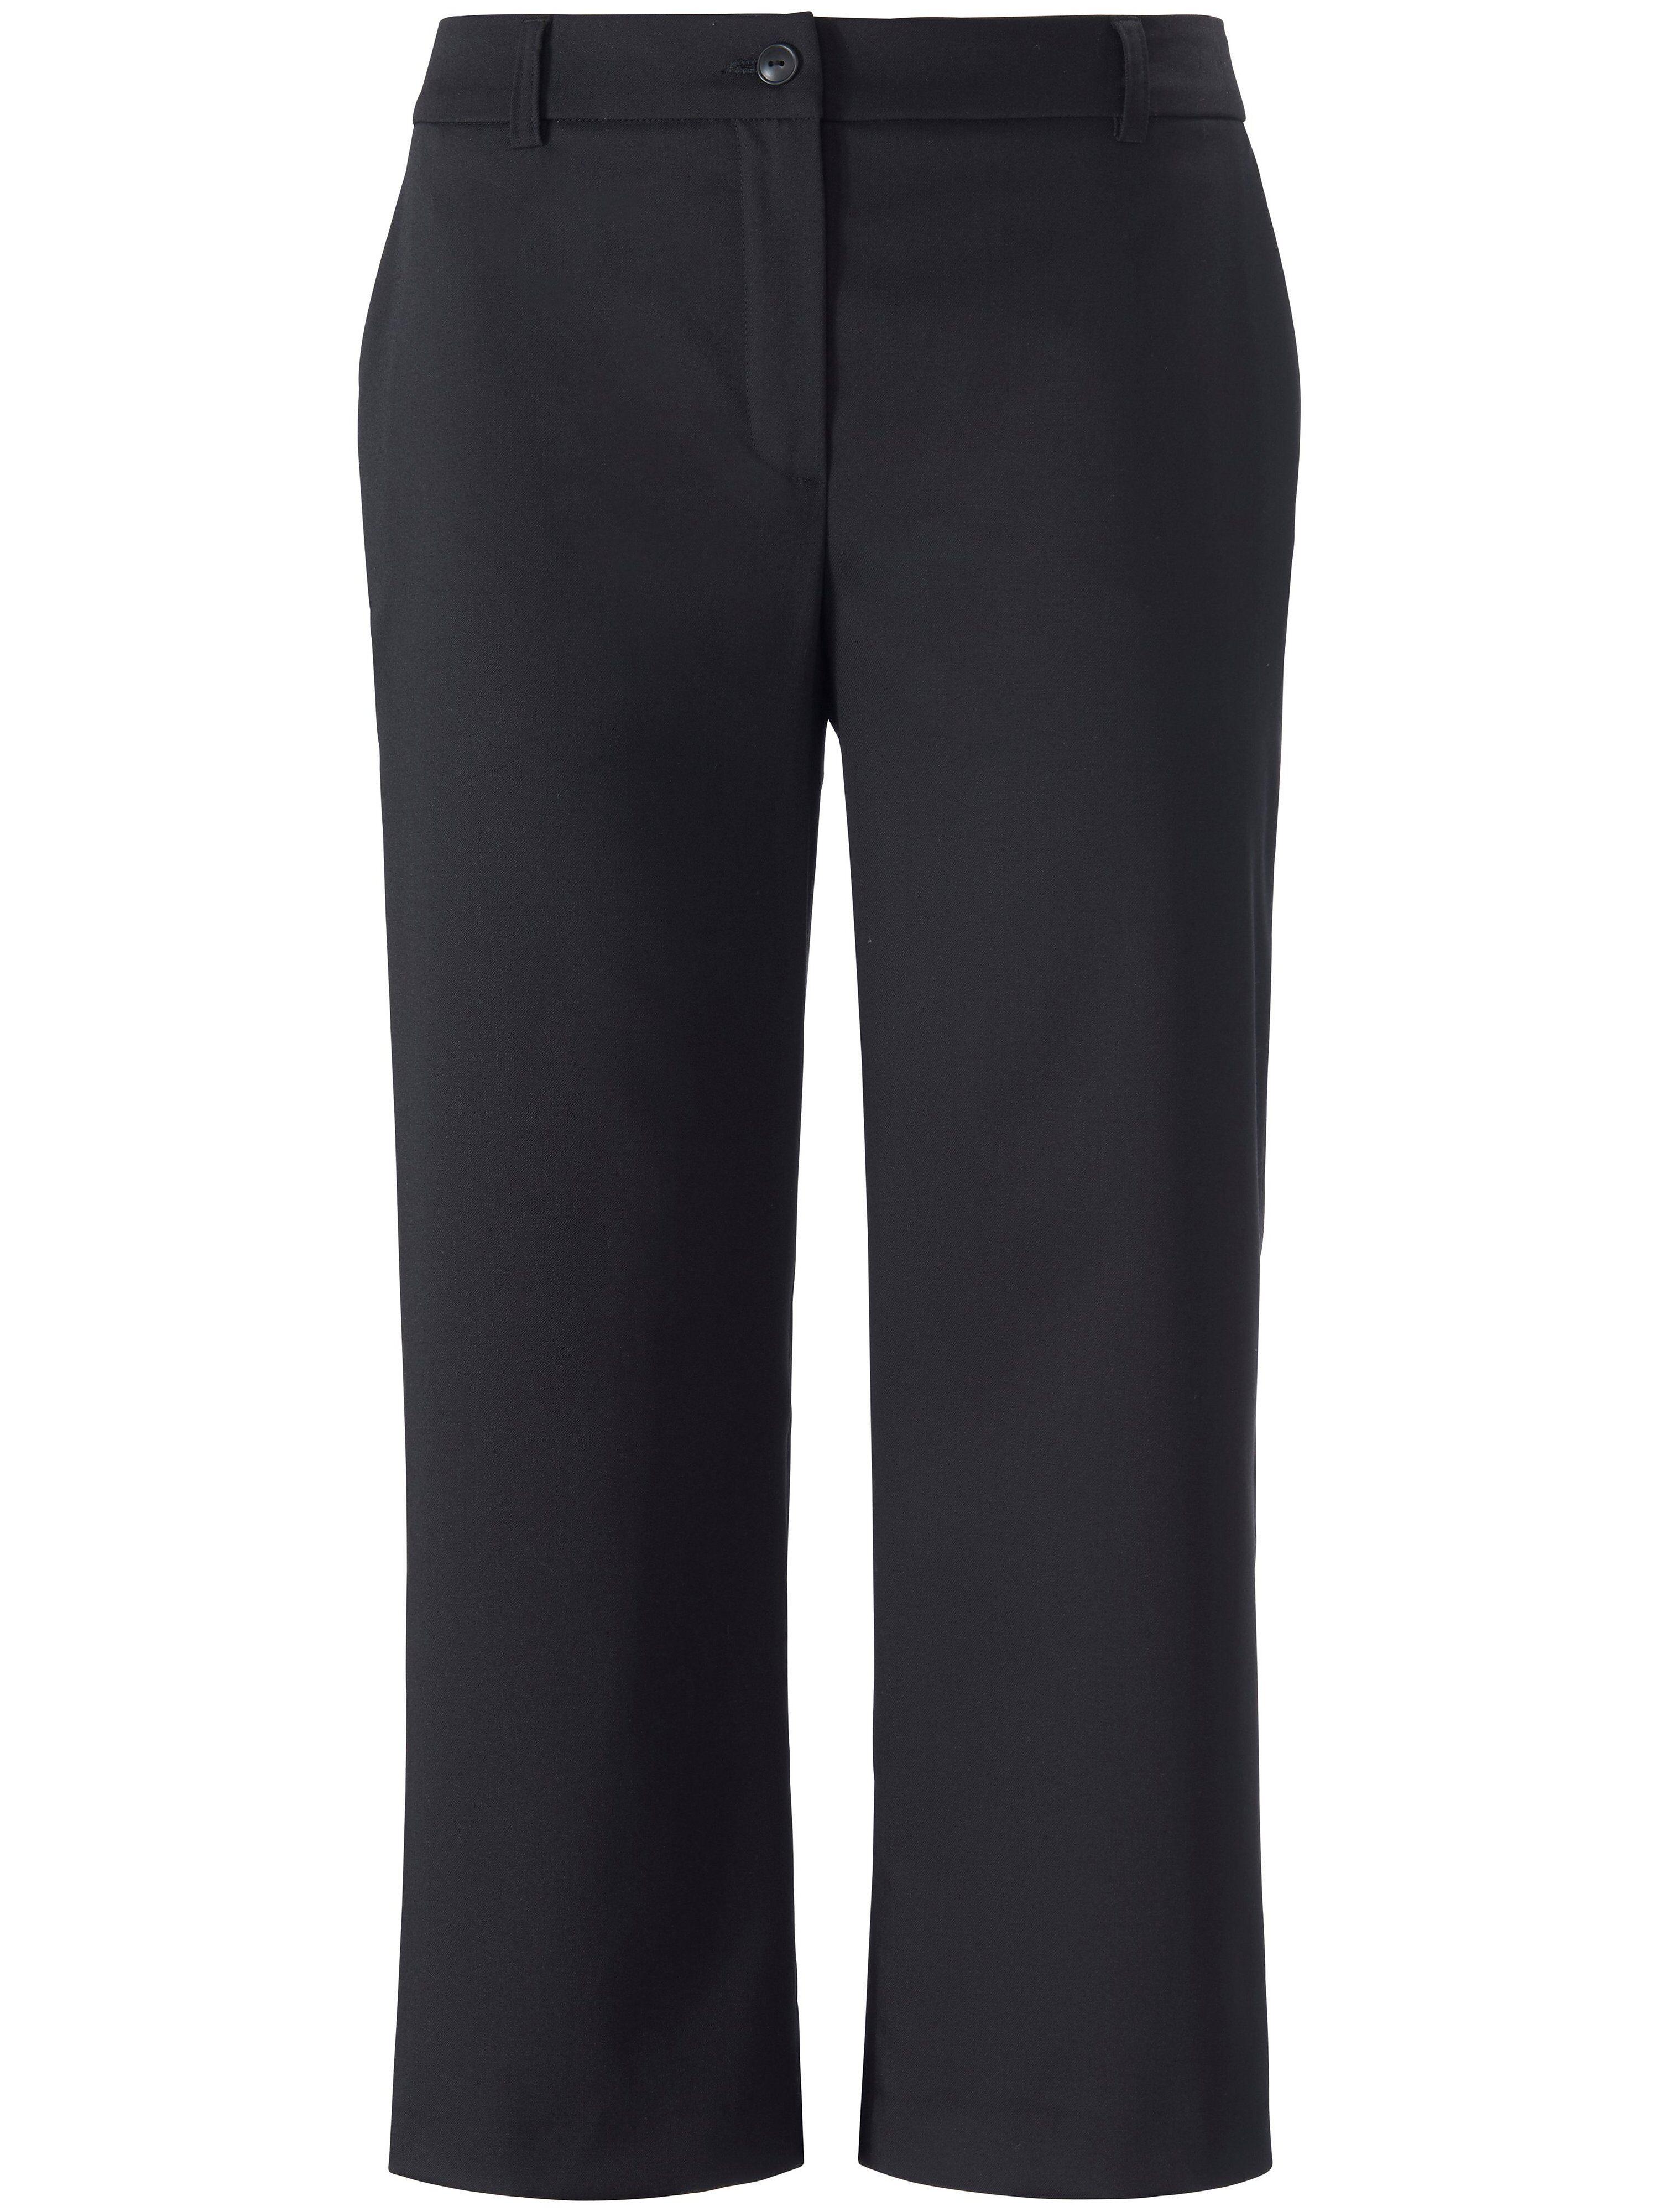 Uta Raasch La jupe-culotte ligne féminine coupée  Uta Raasch noir  - Femme - 38